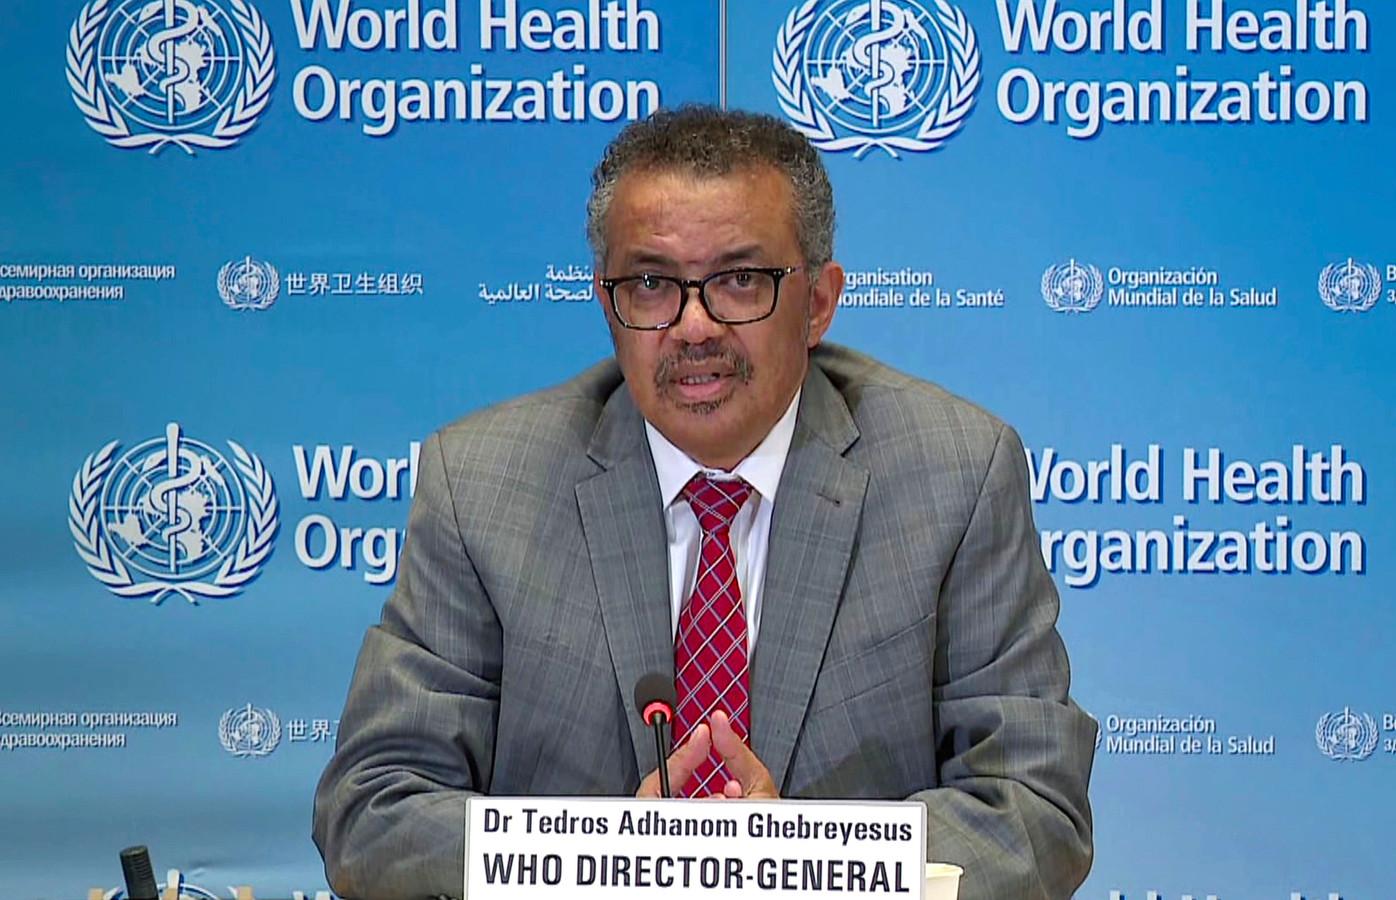 Tedros Adhanom Ghebreyesus, algemeen directeur van de Wereldgezondheidsorganisatie (WHO)